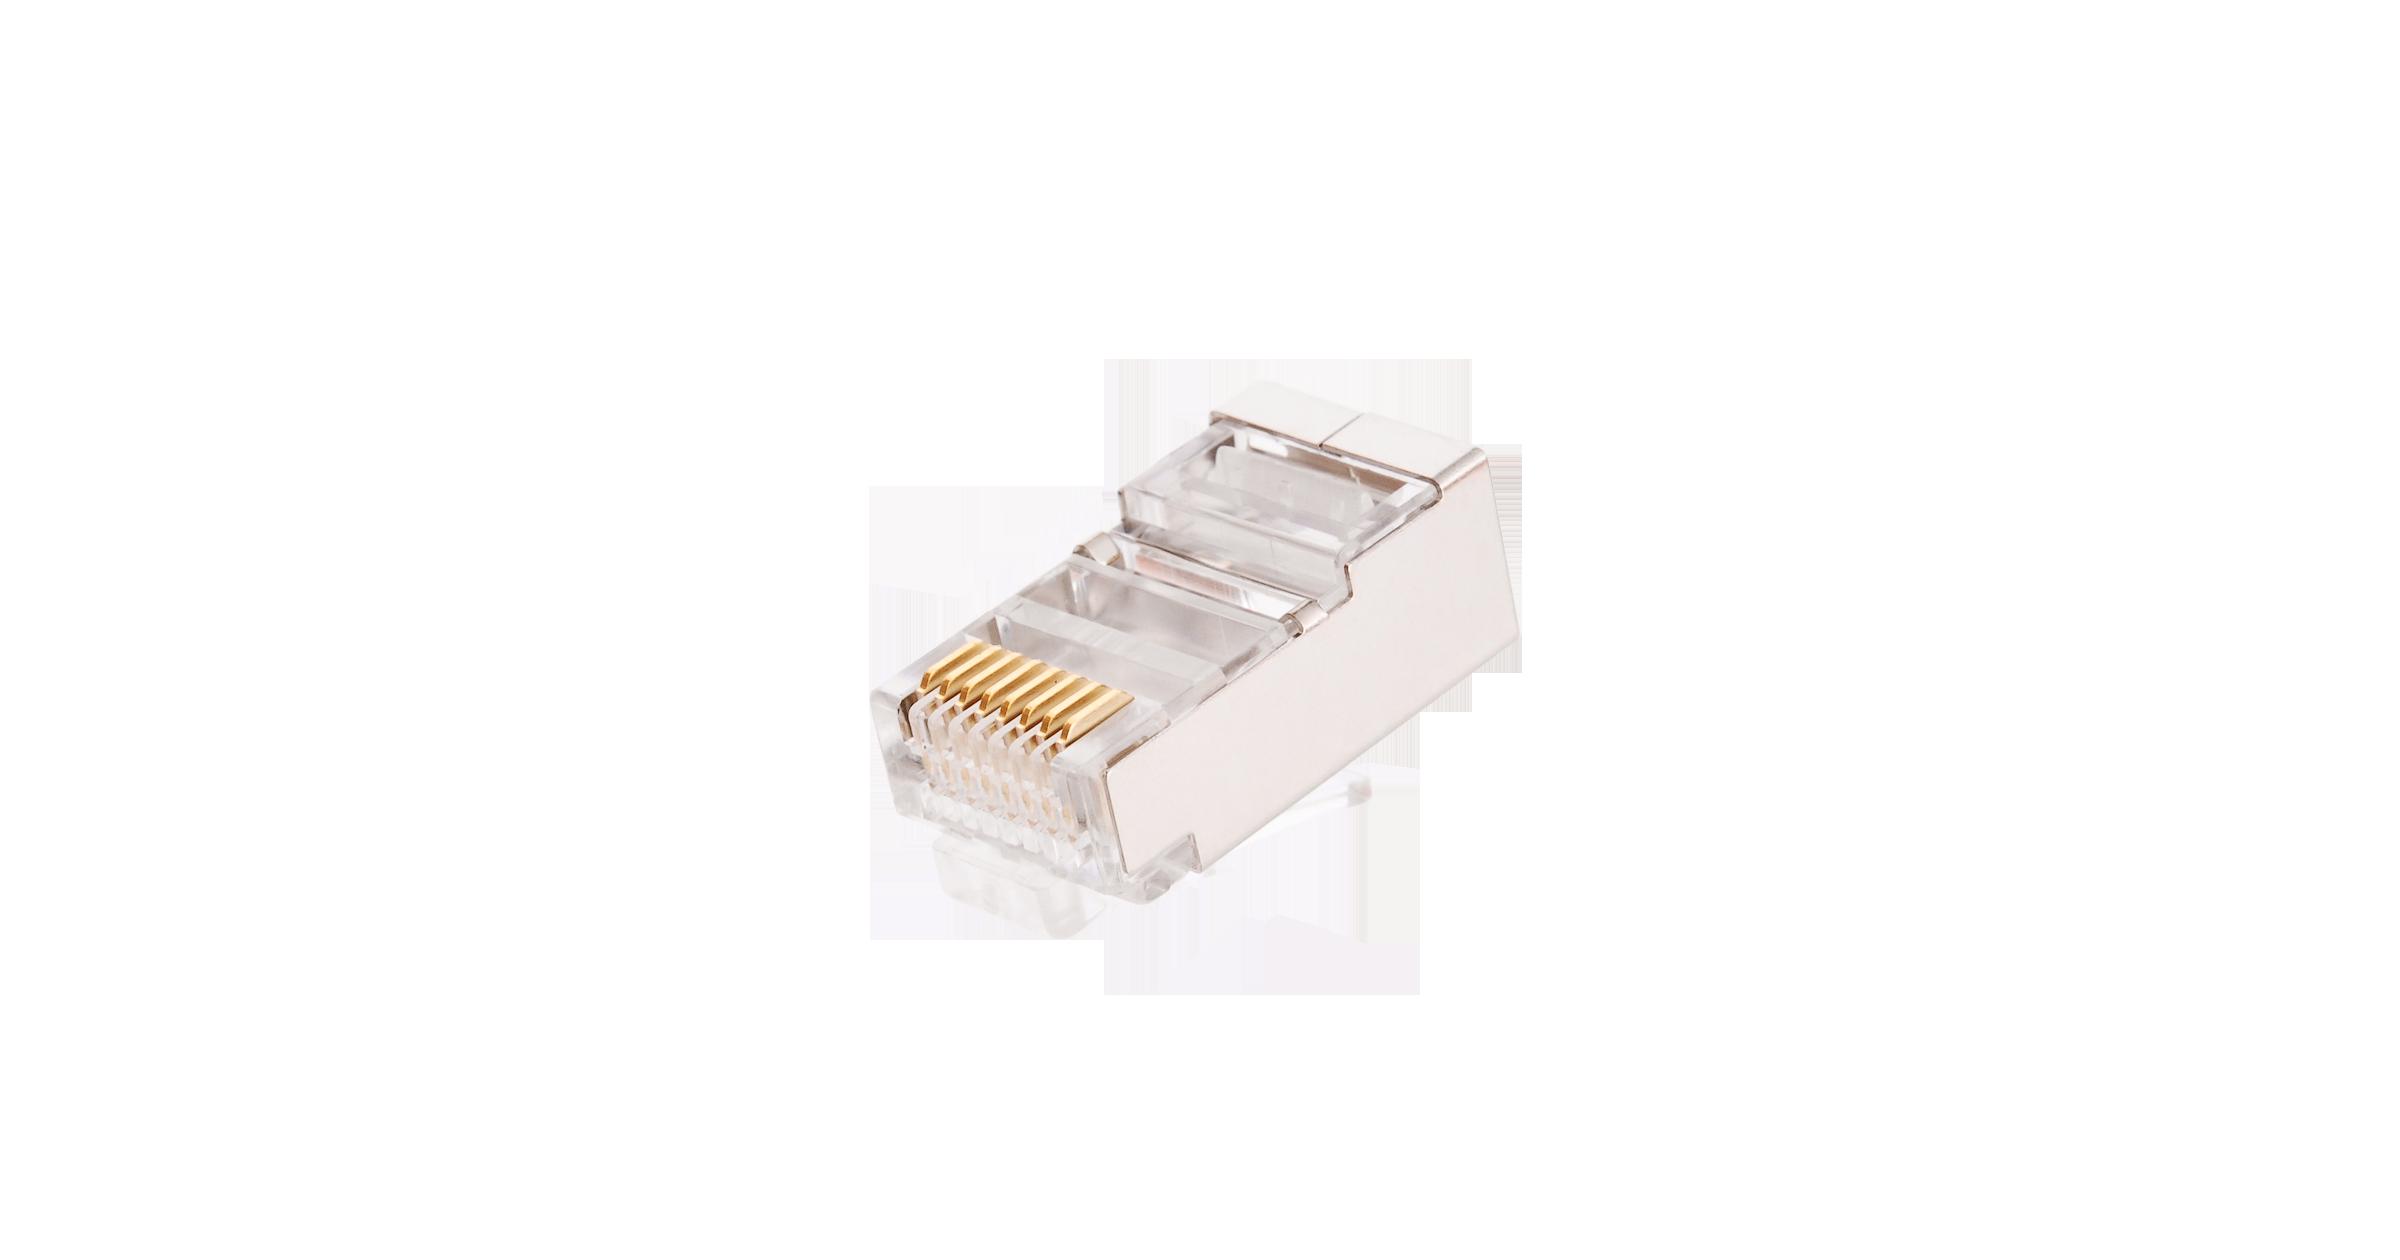 Коннектор NIKOMAX RJ45/8P8C под витую пару, Кат.5e (Класс D), 100МГц, покрытие 50мкд, универсальные ножи, экранированный, уп-ка 100шт.